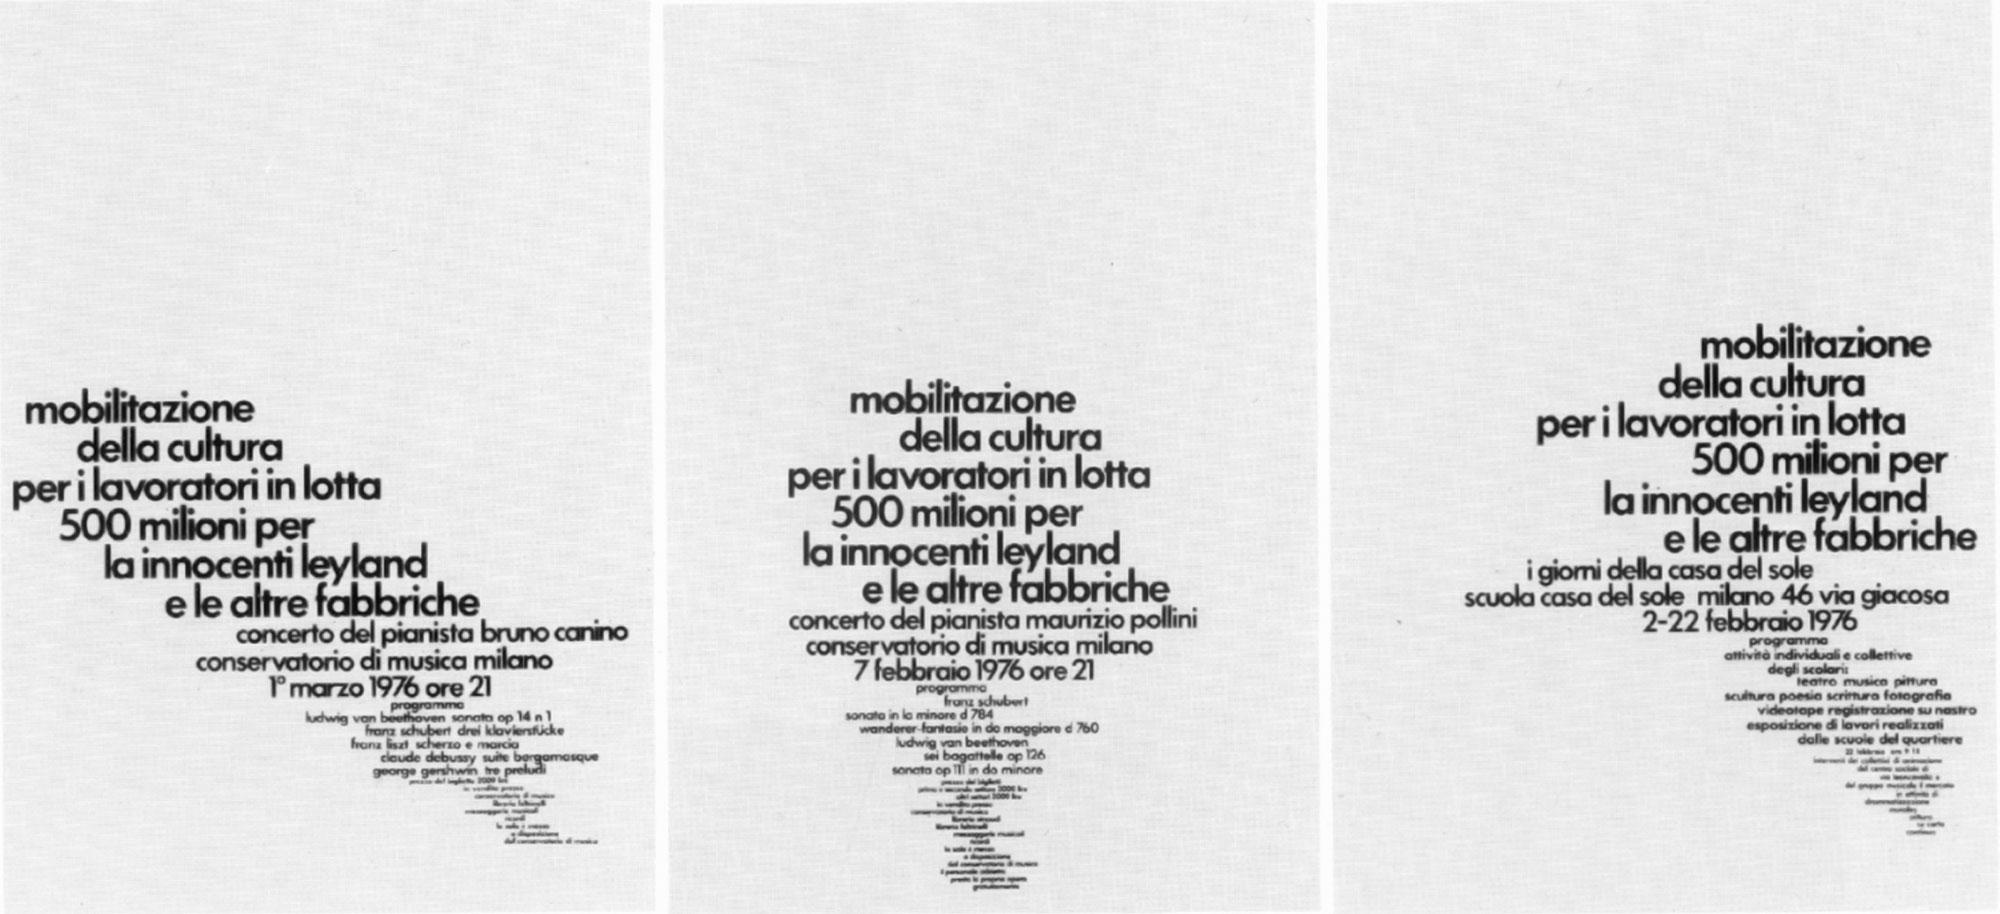 AG-Fronzoni-affiches-mobilitazione-della-cultura-1976